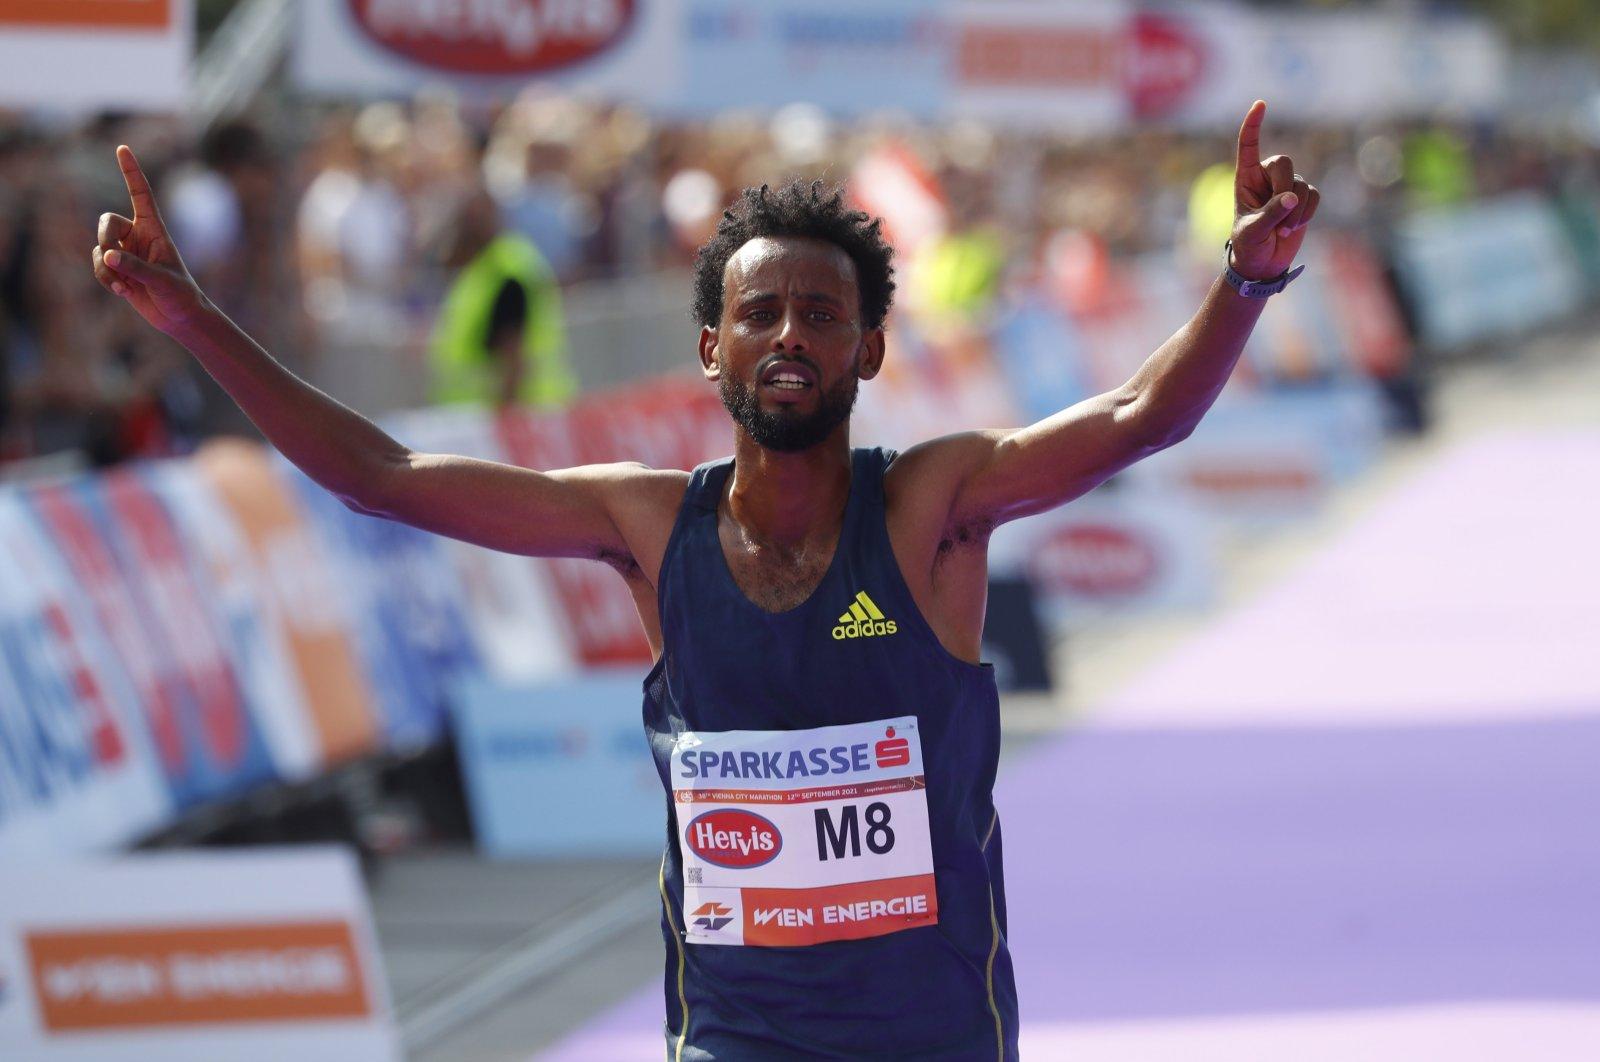 Ethiopia's Derara Hurisa celebrates after winning the Vienna City Marathon in Vienna, Austria, Sept. 12, 2021.